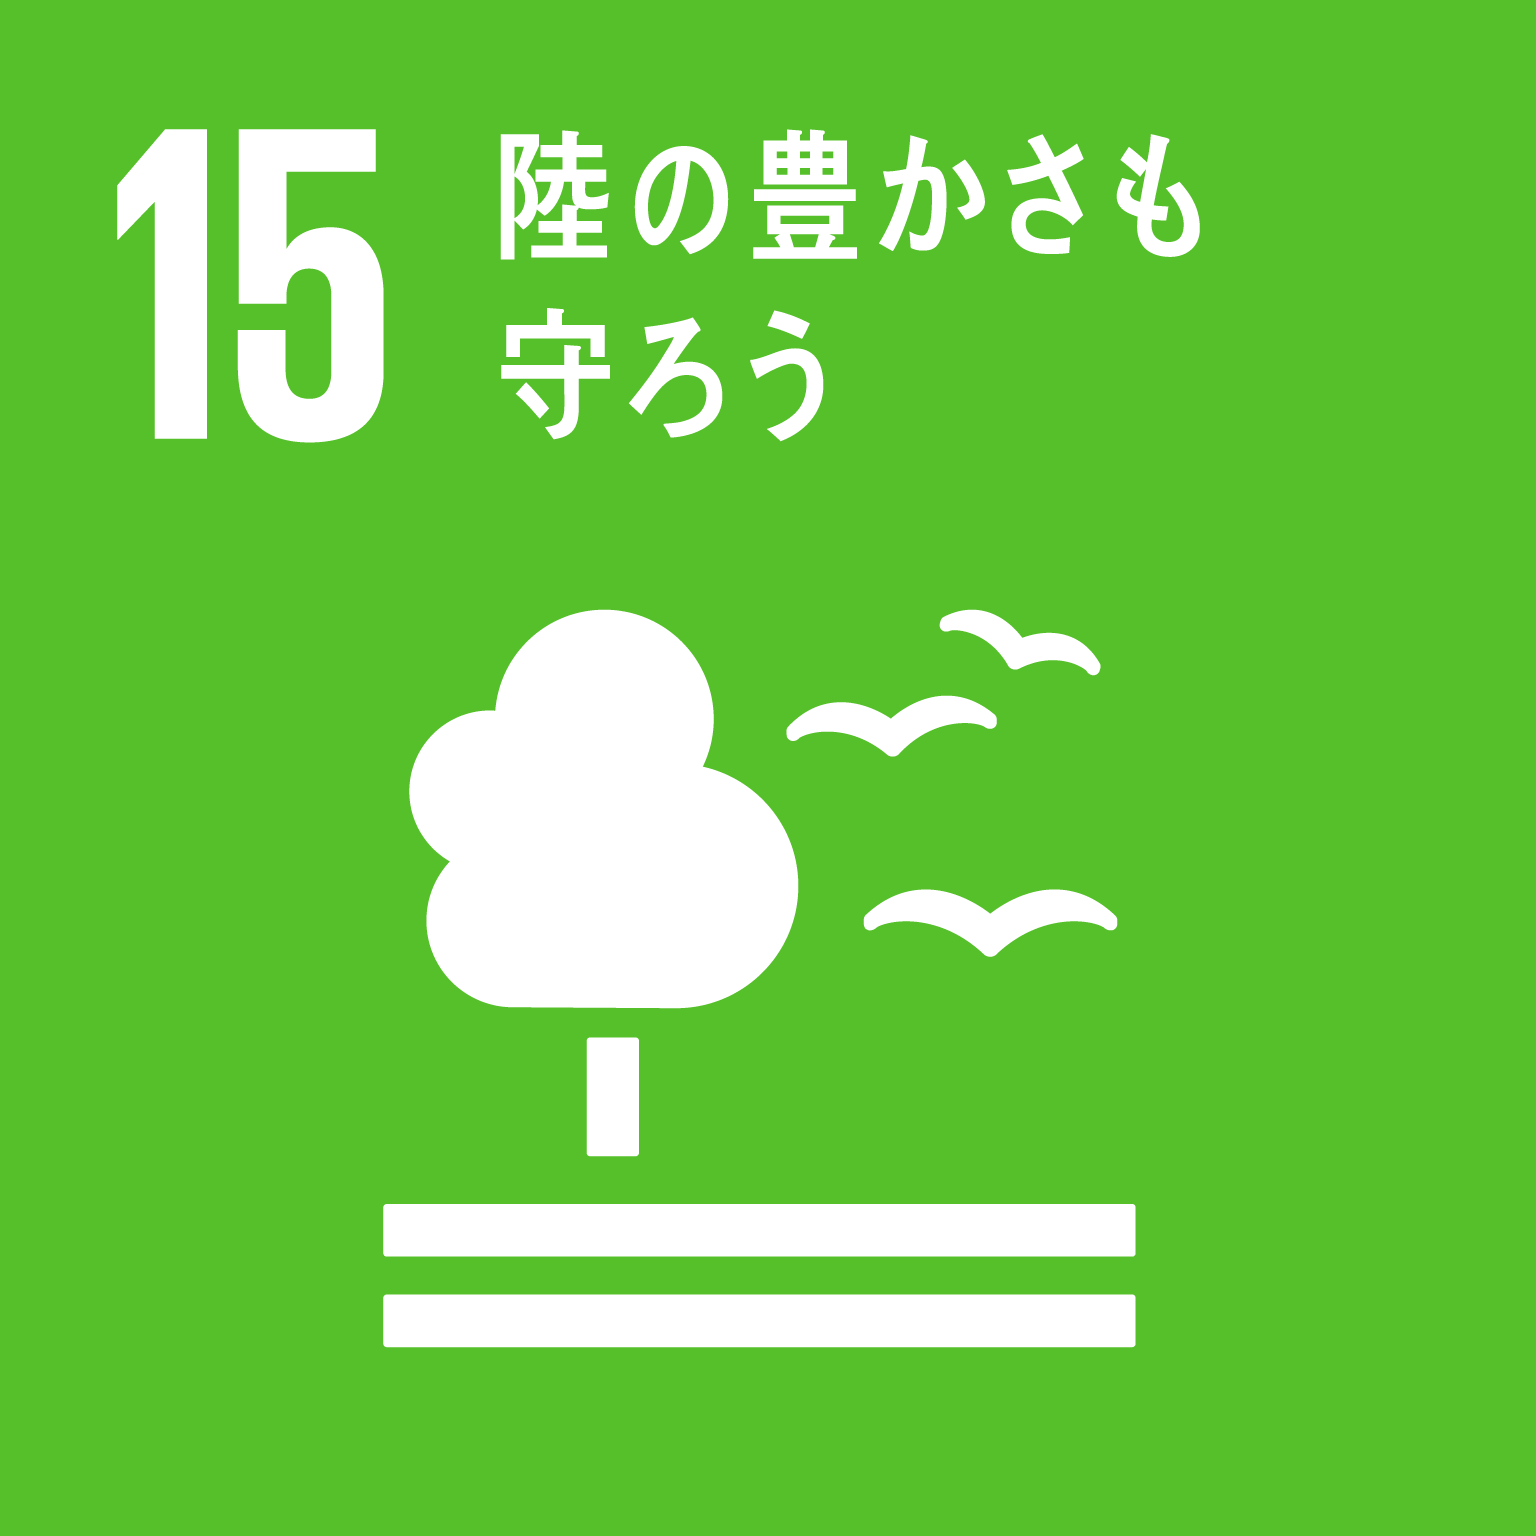 目標15: 陸の豊かさを守ろう